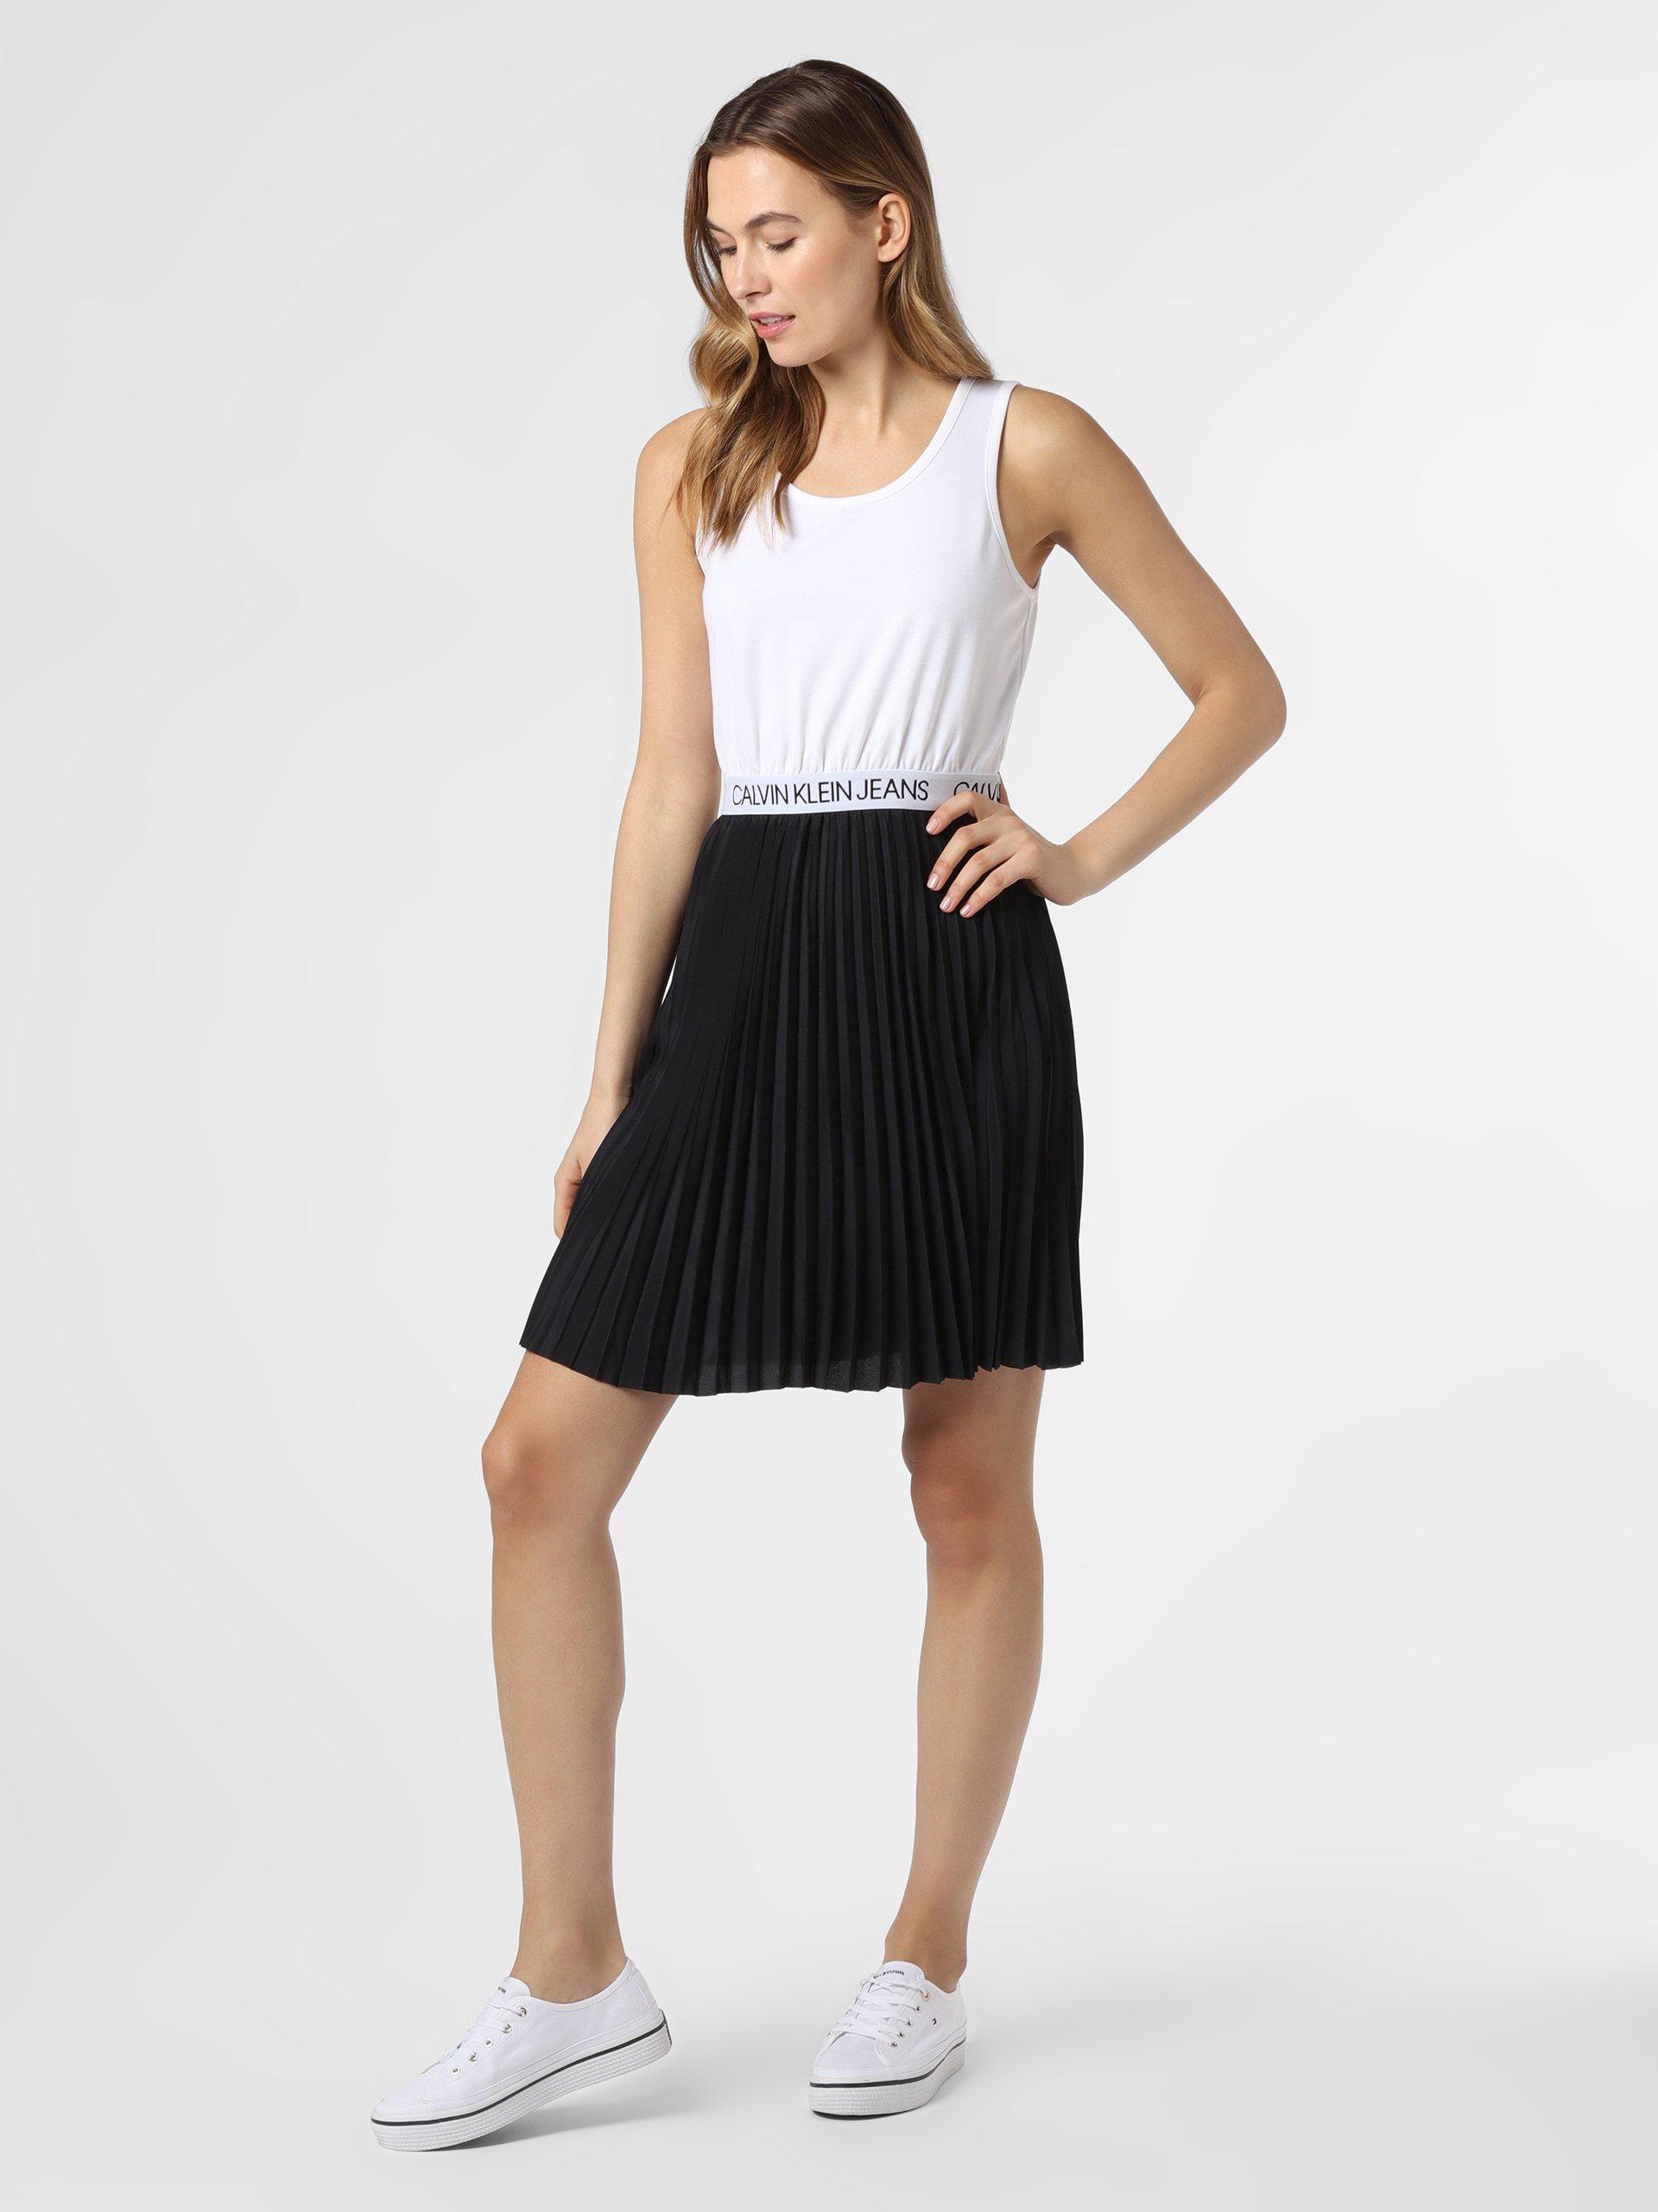 Calvin Klein Jeans Damen Kleid online kaufen   PEEK-UND ...